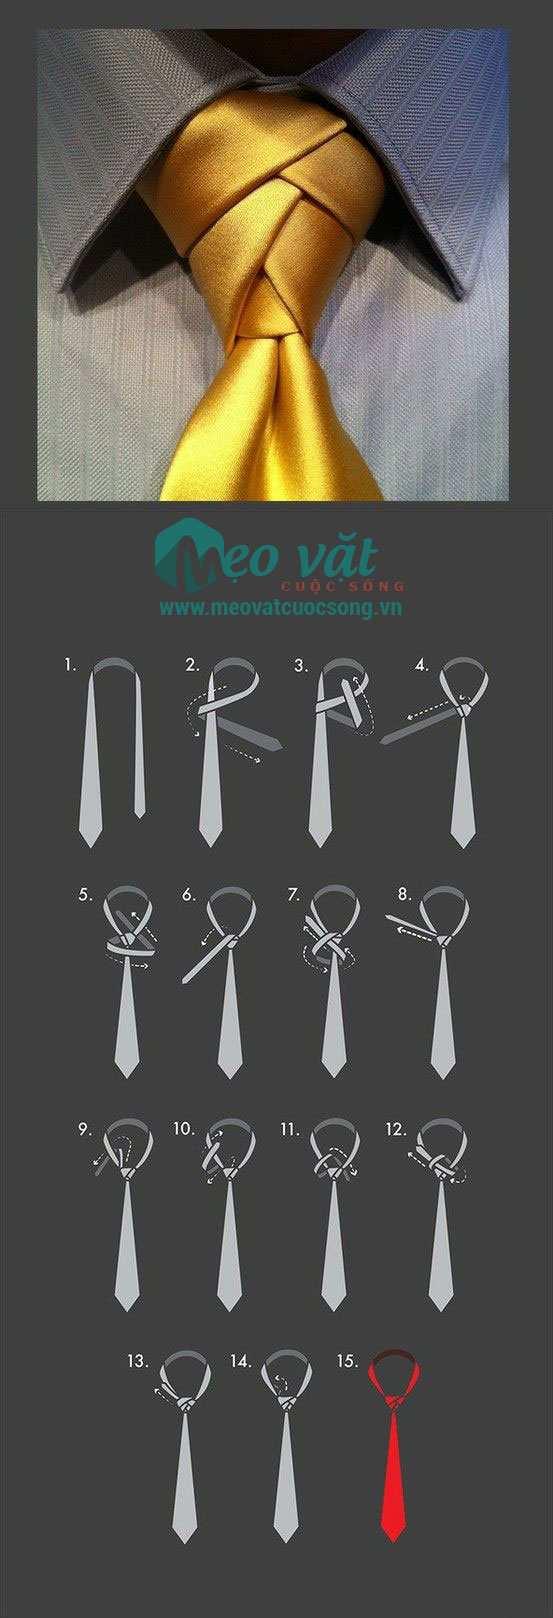 Cách thắt cà vạt (caravat) kiểu sang trọng